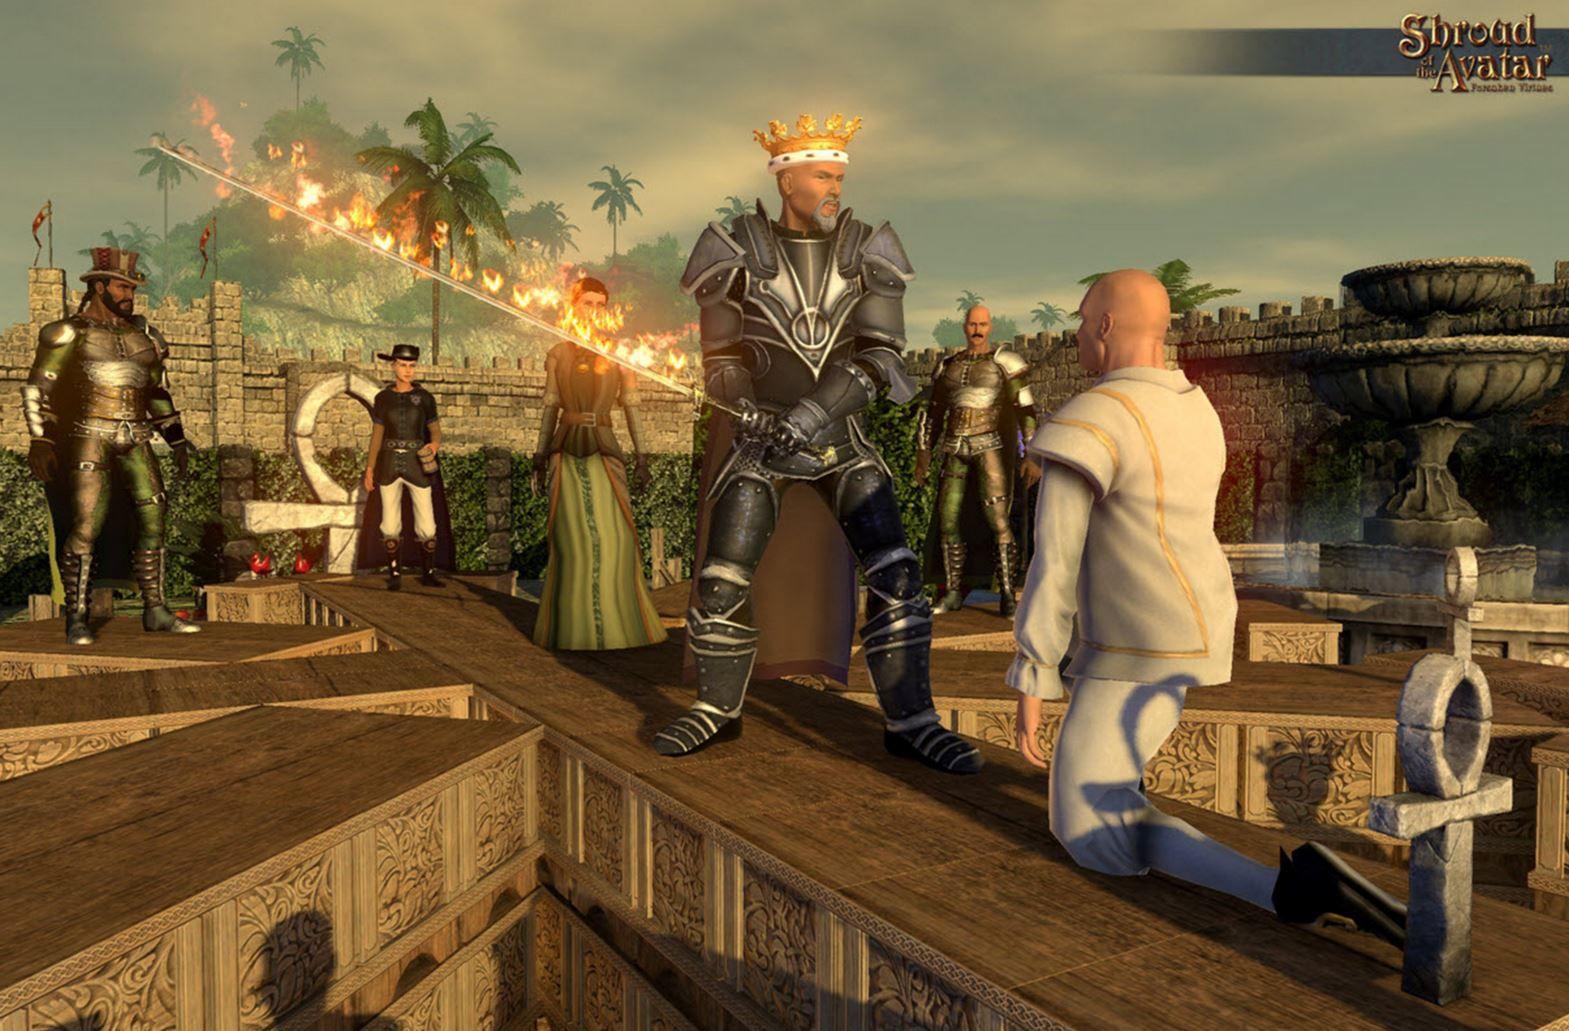 Das (MMO)RPG Shroud of the Avatar befindet sich seit 2012 in Entwicklung und noch immer gibt es Spieler, die nicht wissen, was das überhaupt für ein Spiel ist.  https://gamezine.de/shroud-of-the-avatar-es-ist-nicht-ultima-online-2.html